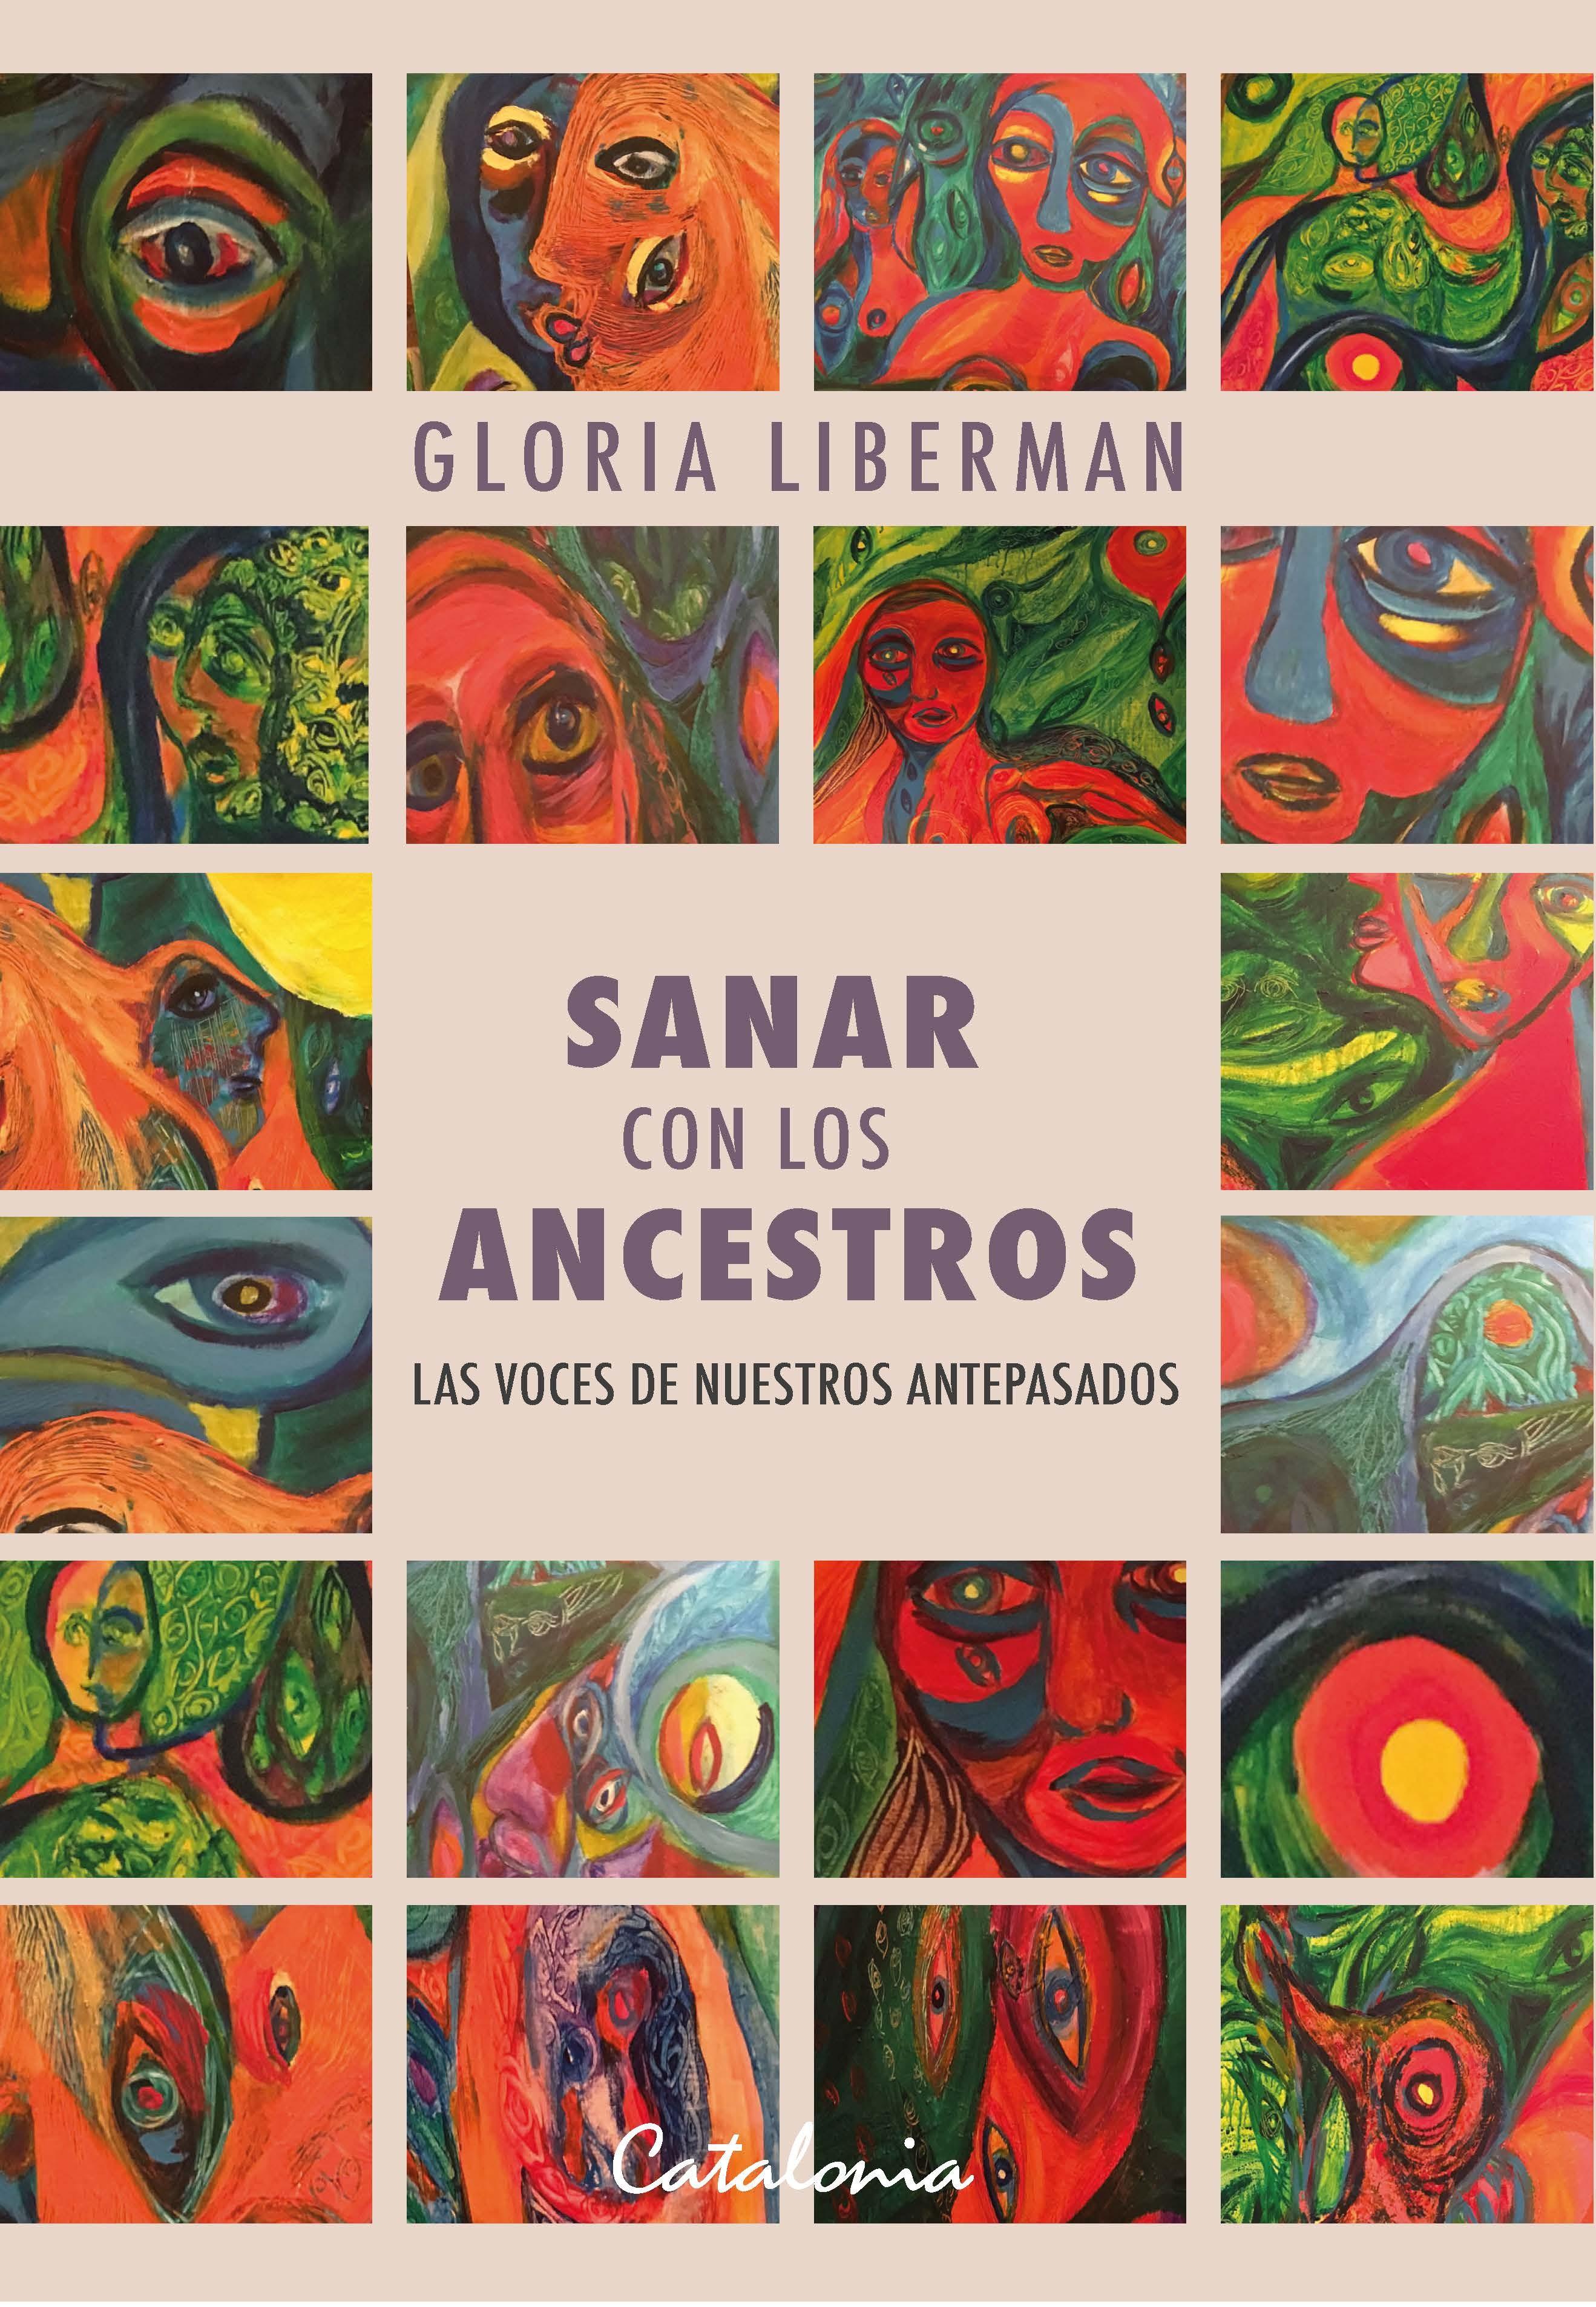 Sanar con los Ancestros - Gloria Liberman - Catalonia